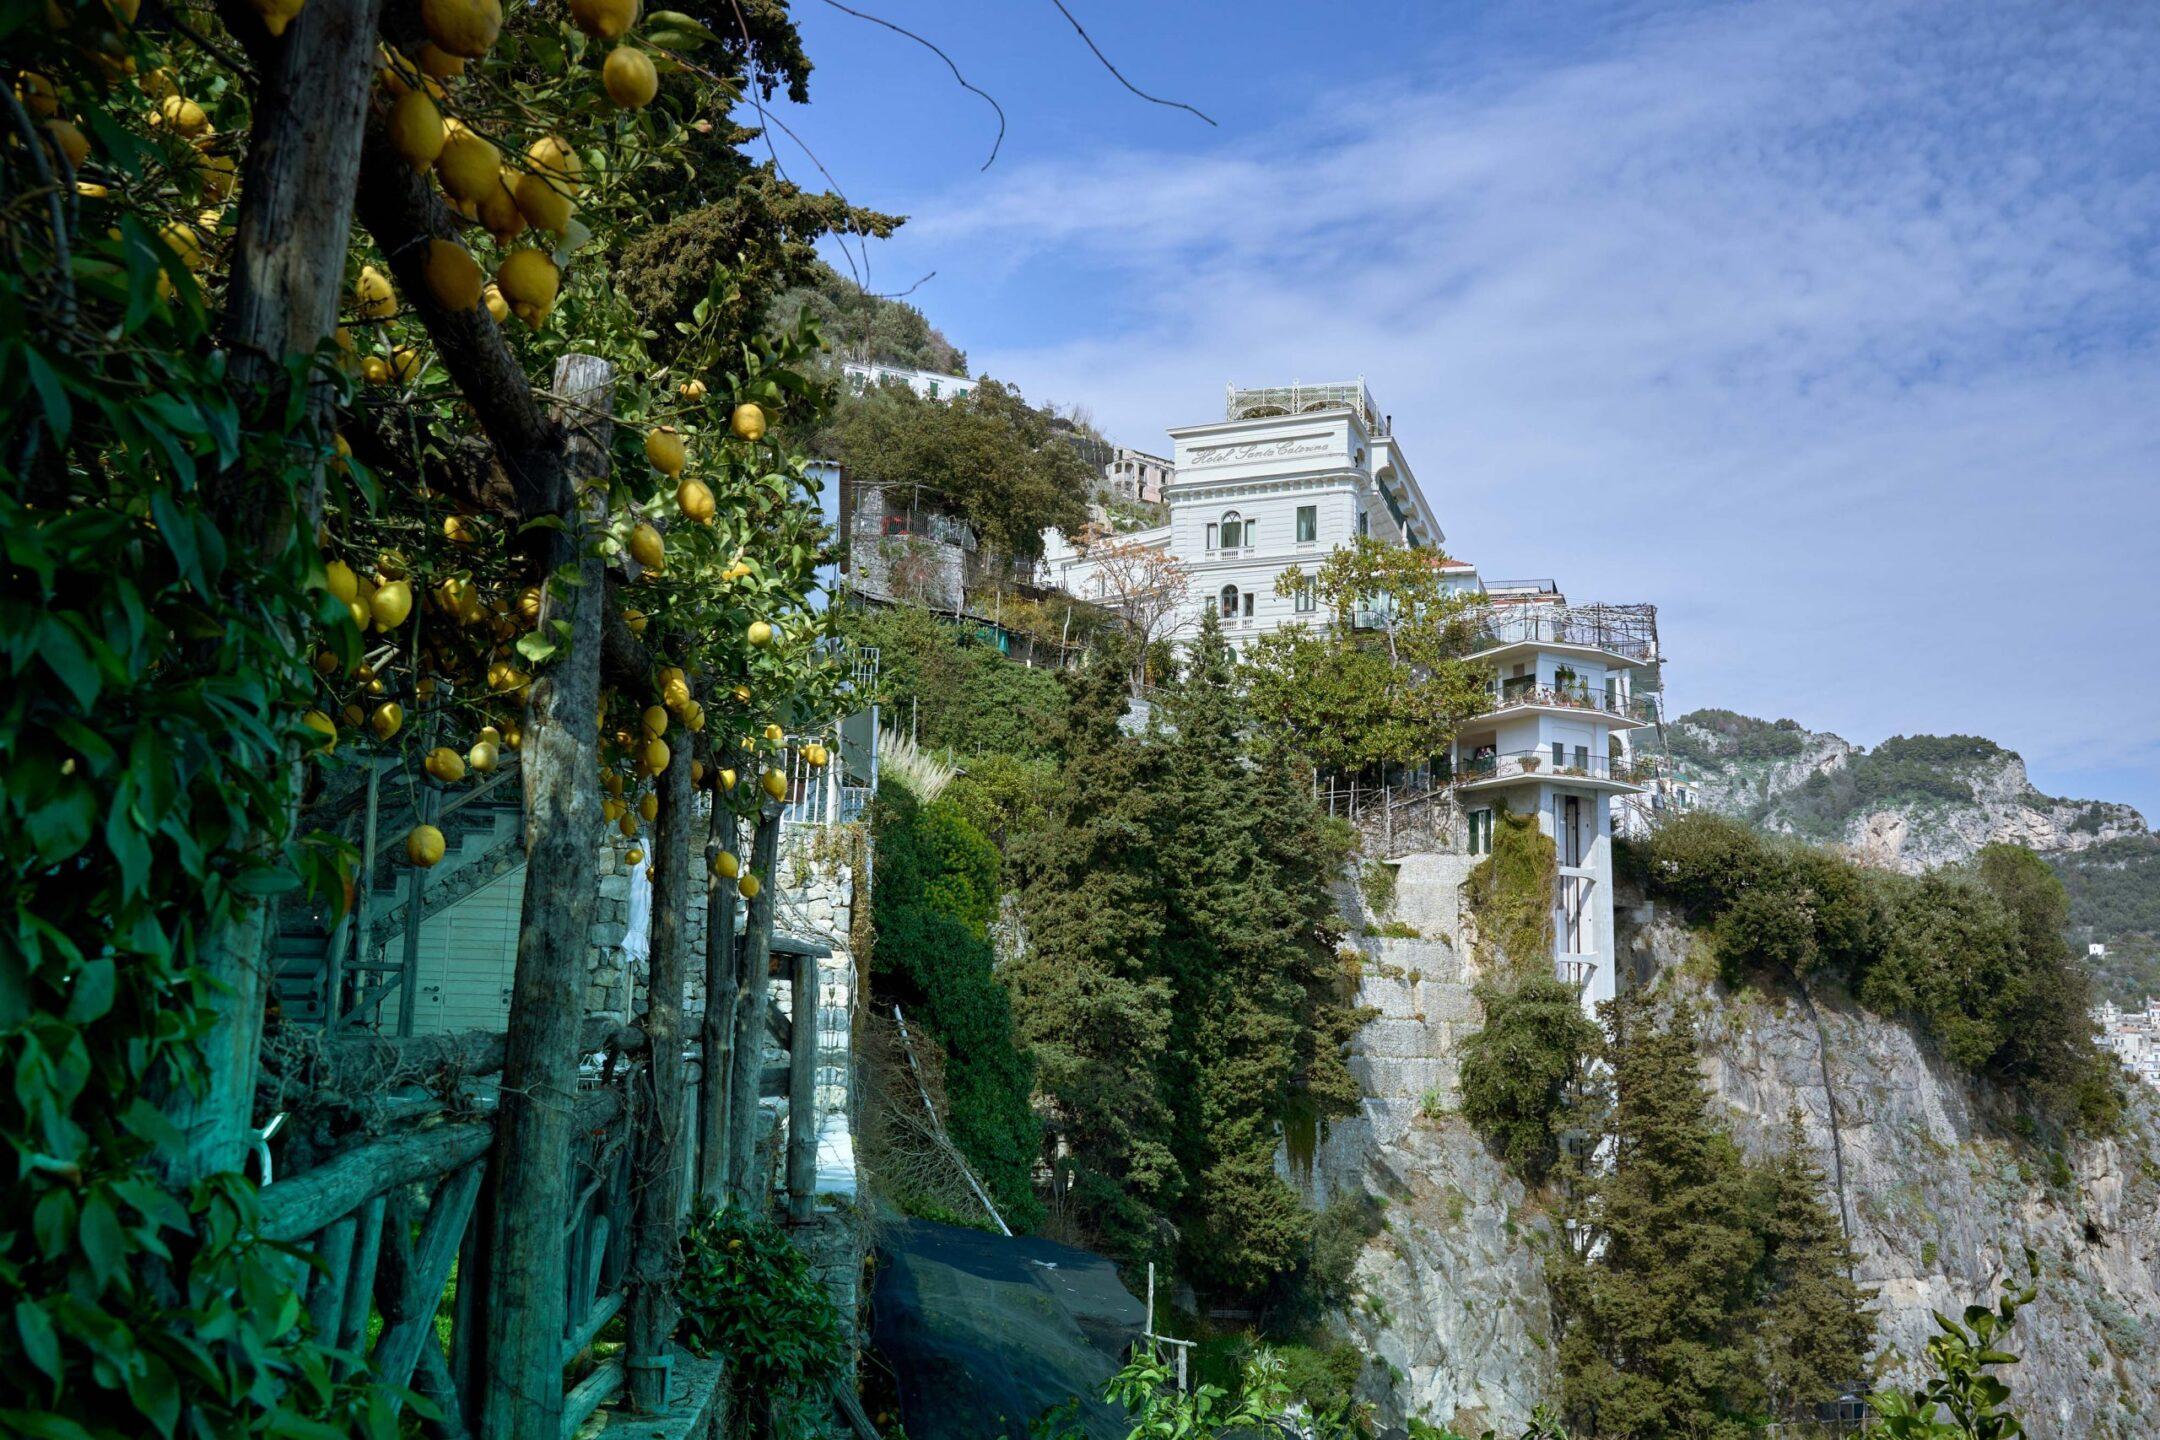 Migliori hotel italiani: Hotel Santa Caterina tra le 100 Eccellenze Italiane per Forbes